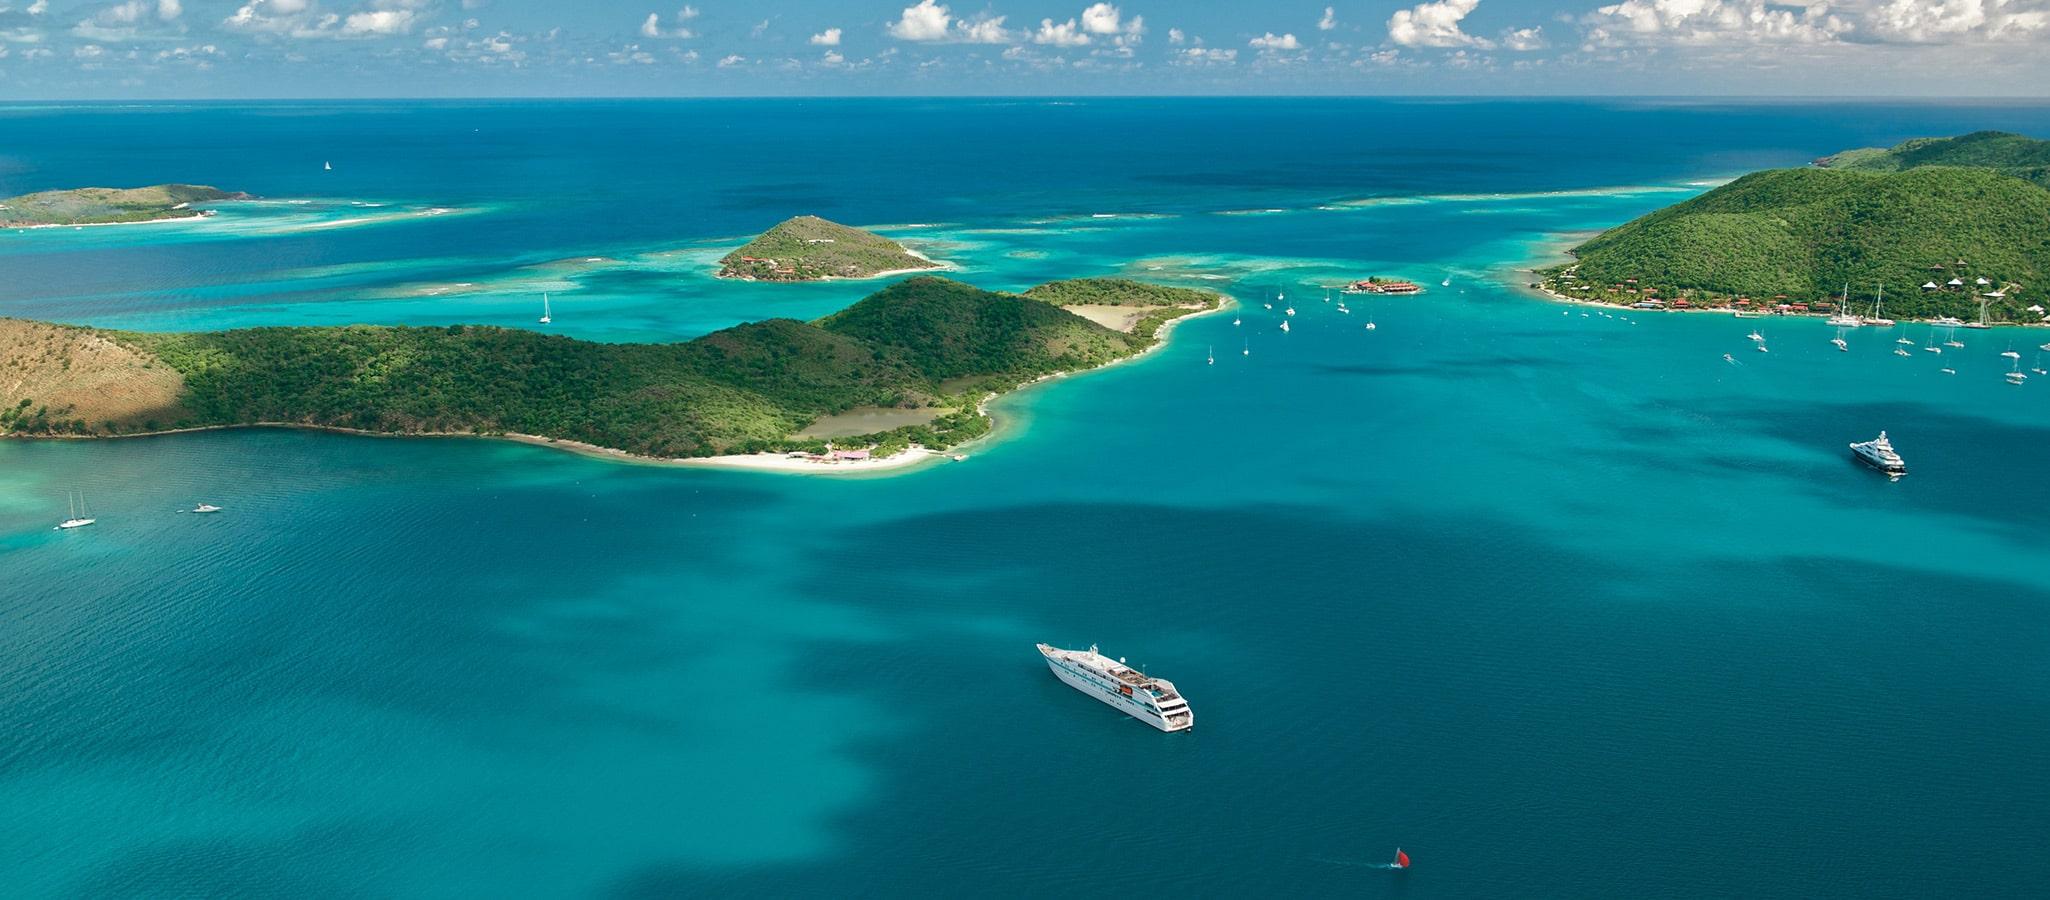 Mit maßgeschneiderten Routings führt OceanEvent Sie und Ihre Gäste zu den schönsten Inseln der Welt, an privatisierte Strände, in pittoreske Häfen und traumhafte Buchten.